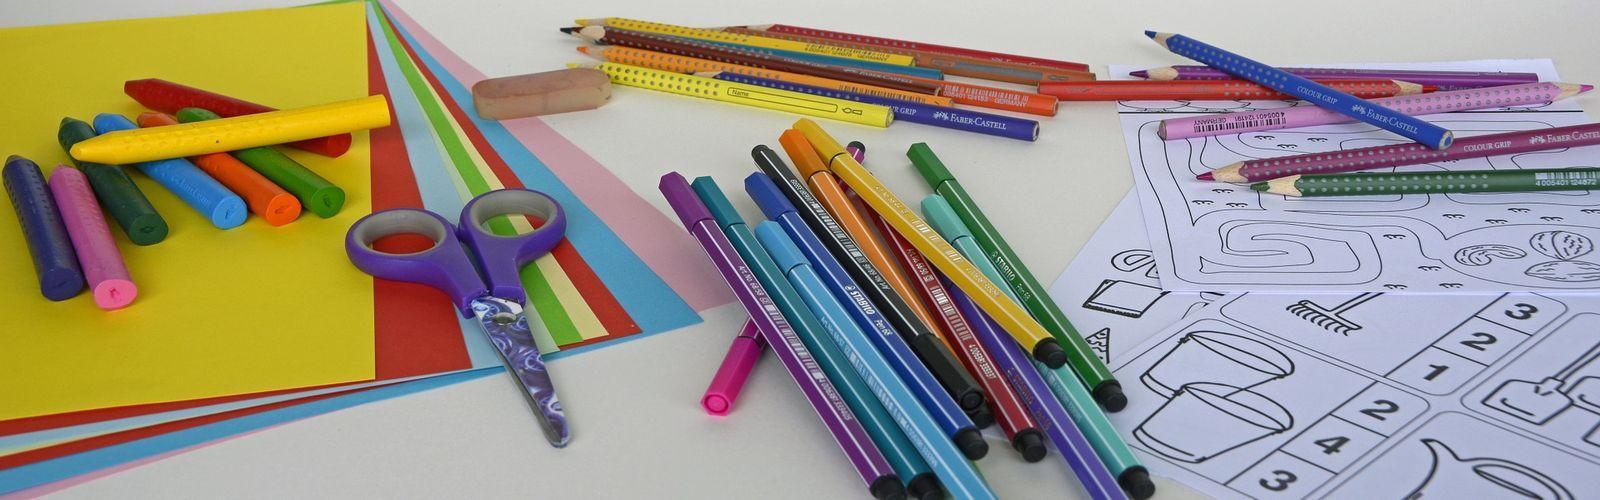 Grafika przedstawia przybory szkolne: kolorowy papier, na którym leżą kredki świecowe, nożyczki. Na środku jest garść cienkopisów, z kolei po prawej stronie kolorowanki, na których leżą kredki.